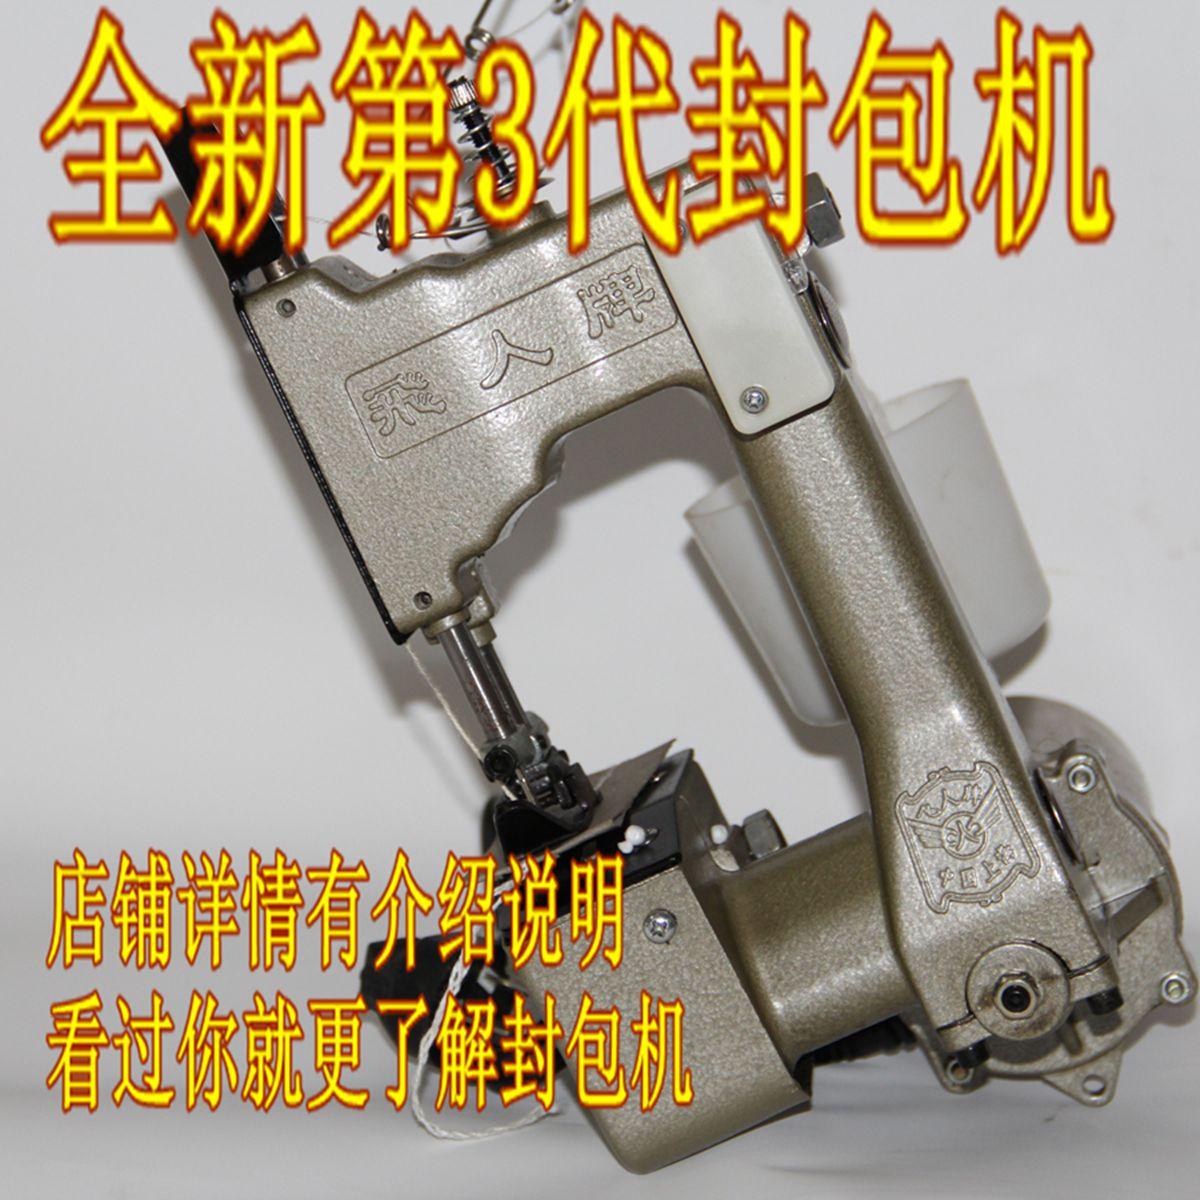 Швейные машины Артикул 13555068051